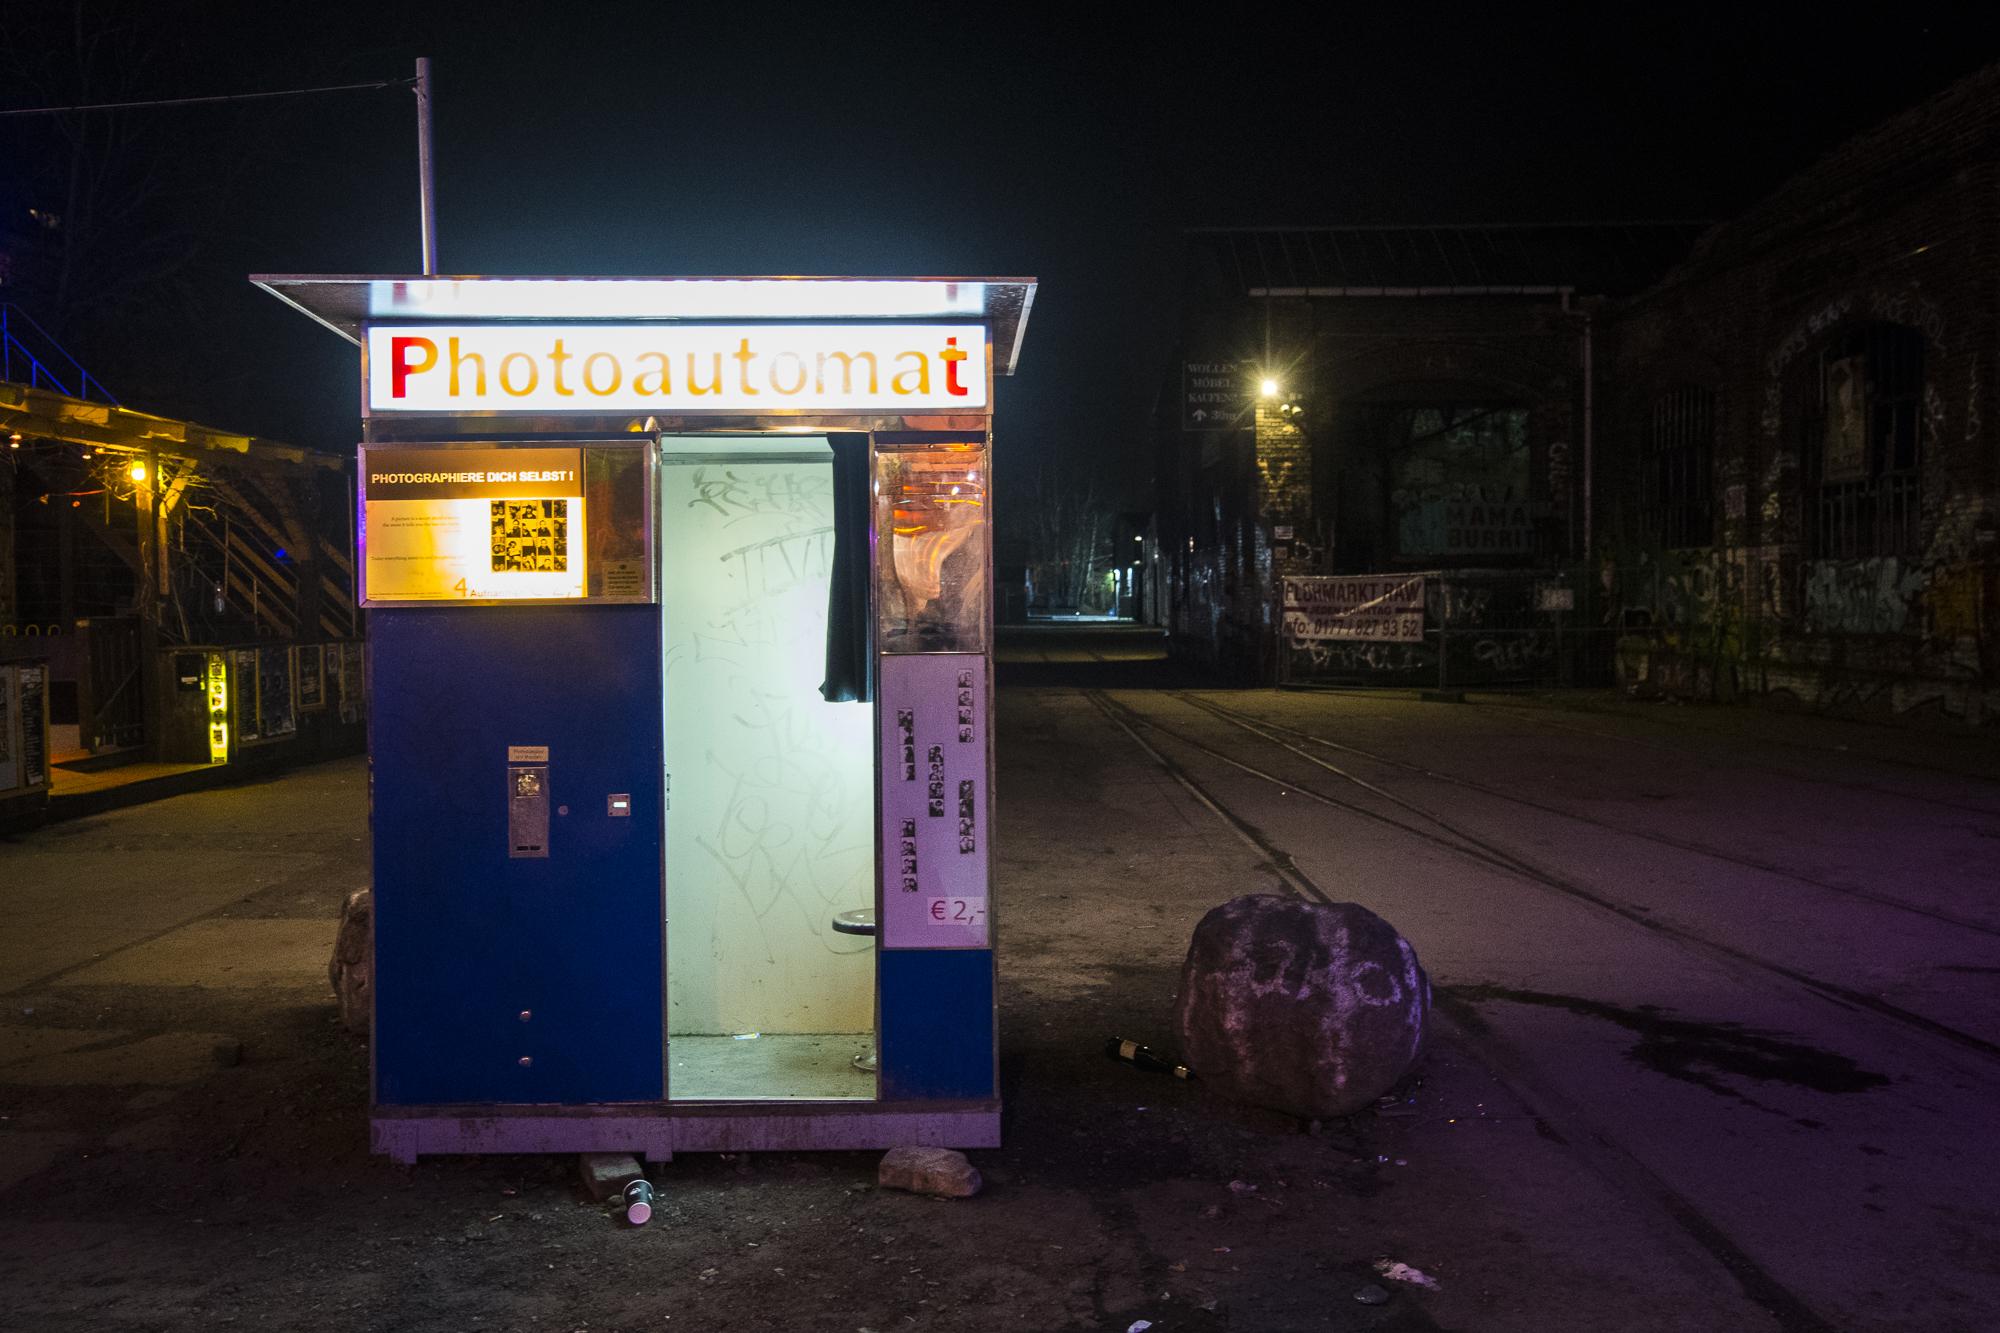 Urban Spree  PHOTOGRAPHY: ALEXANDER J.E. BRADLEY • NIKON D500 • AF-S NIKKOR 14-24MM F/2.8G ED @ 18MM • F/2.8 • 1/30 • ISO 2500